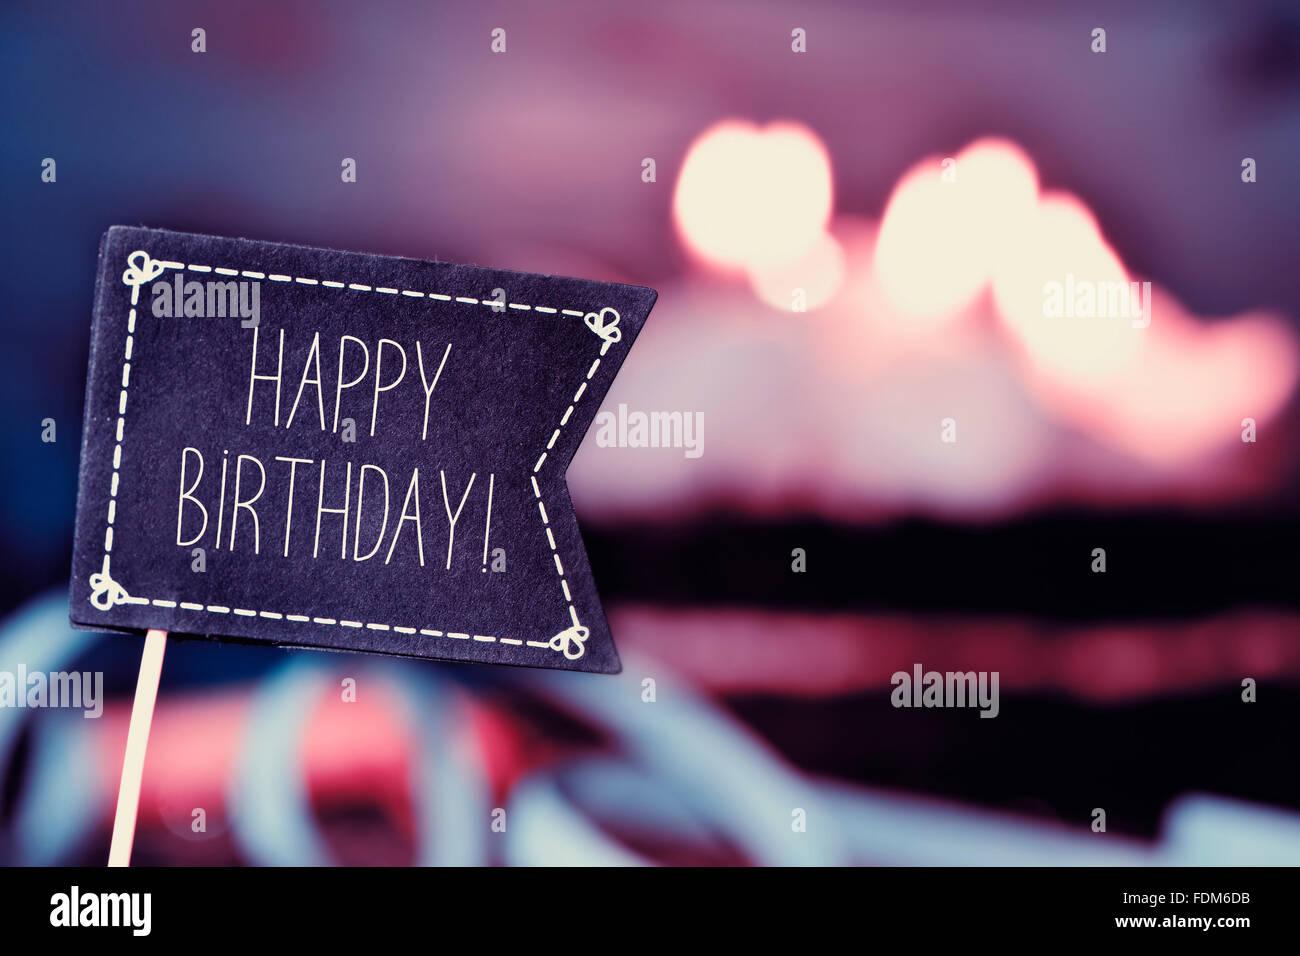 Nahaufnahme von einem Black Flag-förmigen Schild mit dem Text alles Gute zum Geburtstag und einen Geburtstagskuchen Stockbild